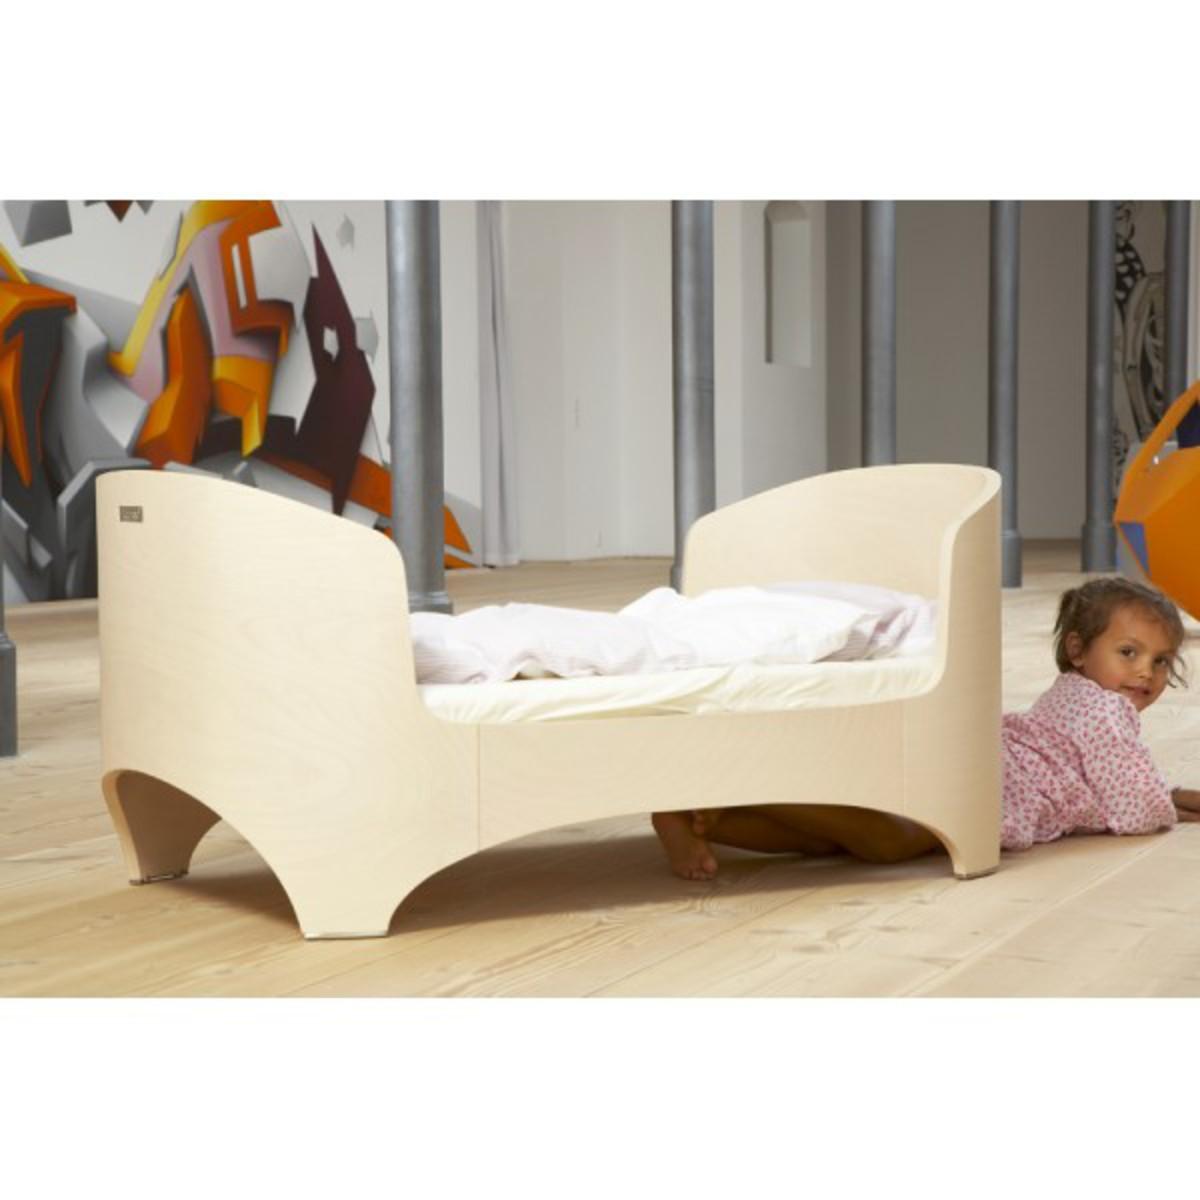 leander lit evolutif ceruse lit b b leander sur l. Black Bedroom Furniture Sets. Home Design Ideas